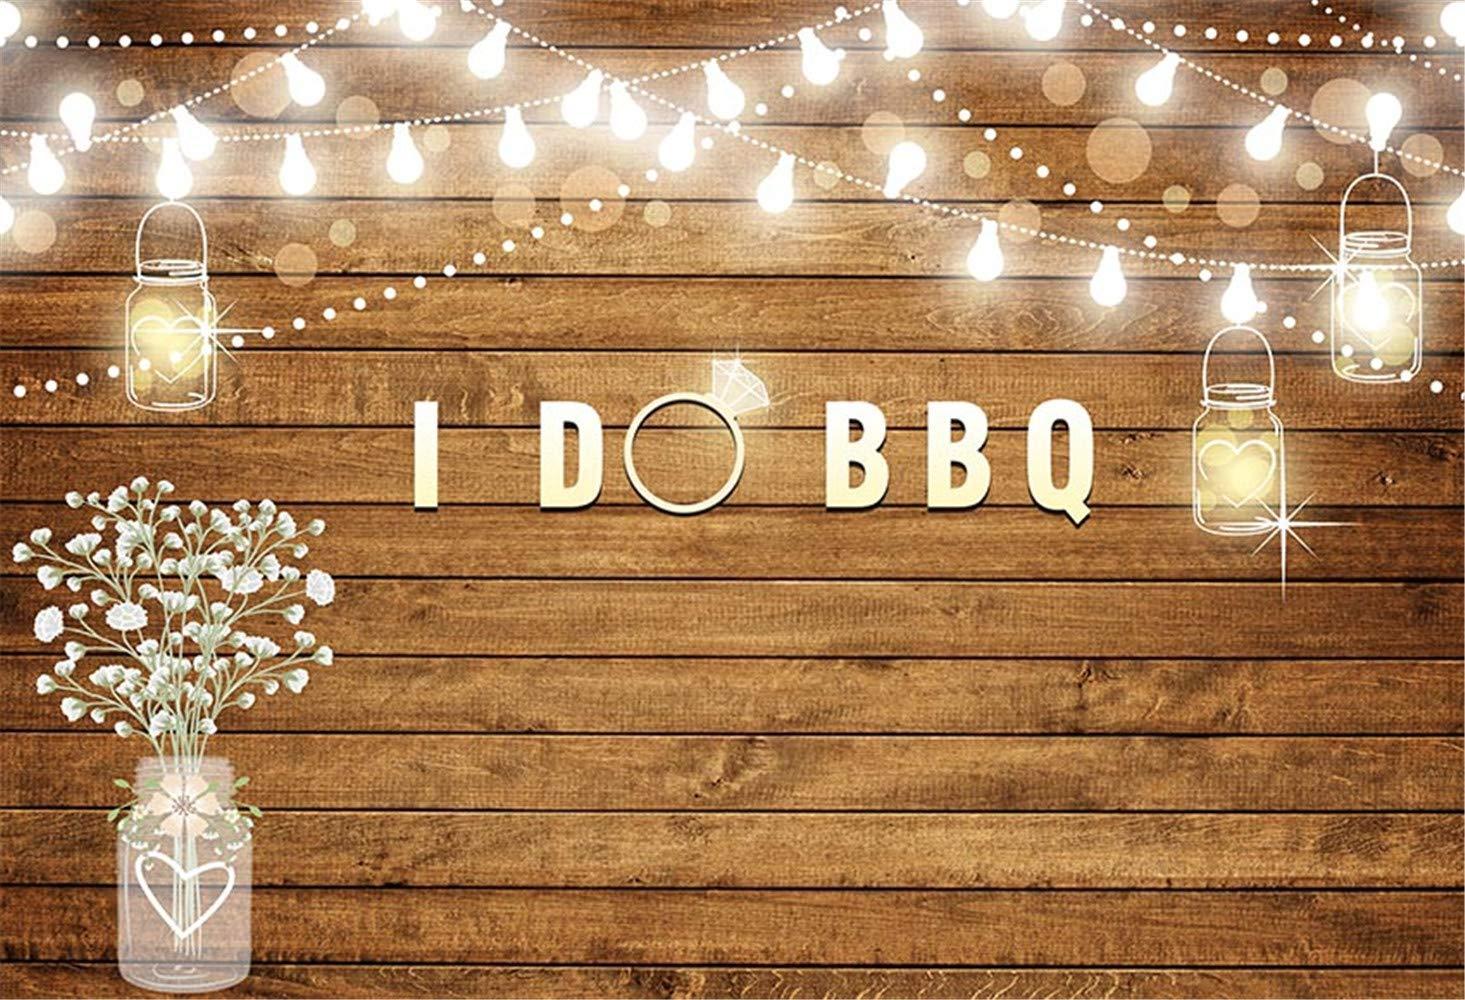 Amazon.com: I Do BBQ fondo para fotografía 5x7 sin costuras ...